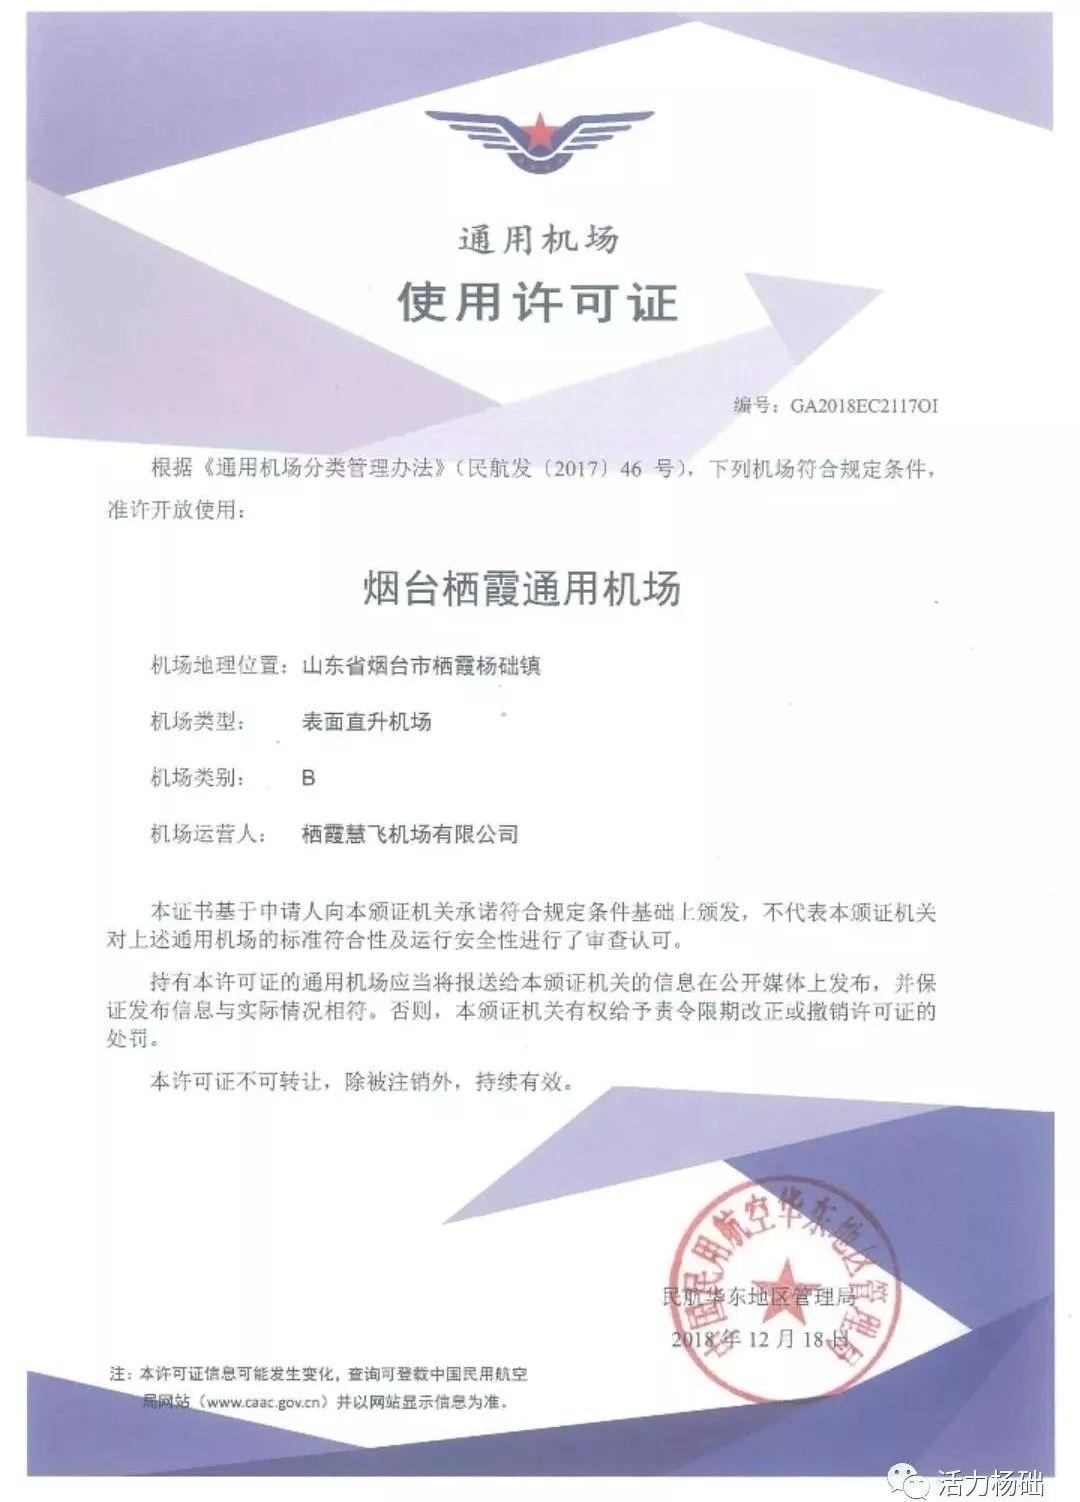 烟台栖霞通用机场获颁B类使用许可证